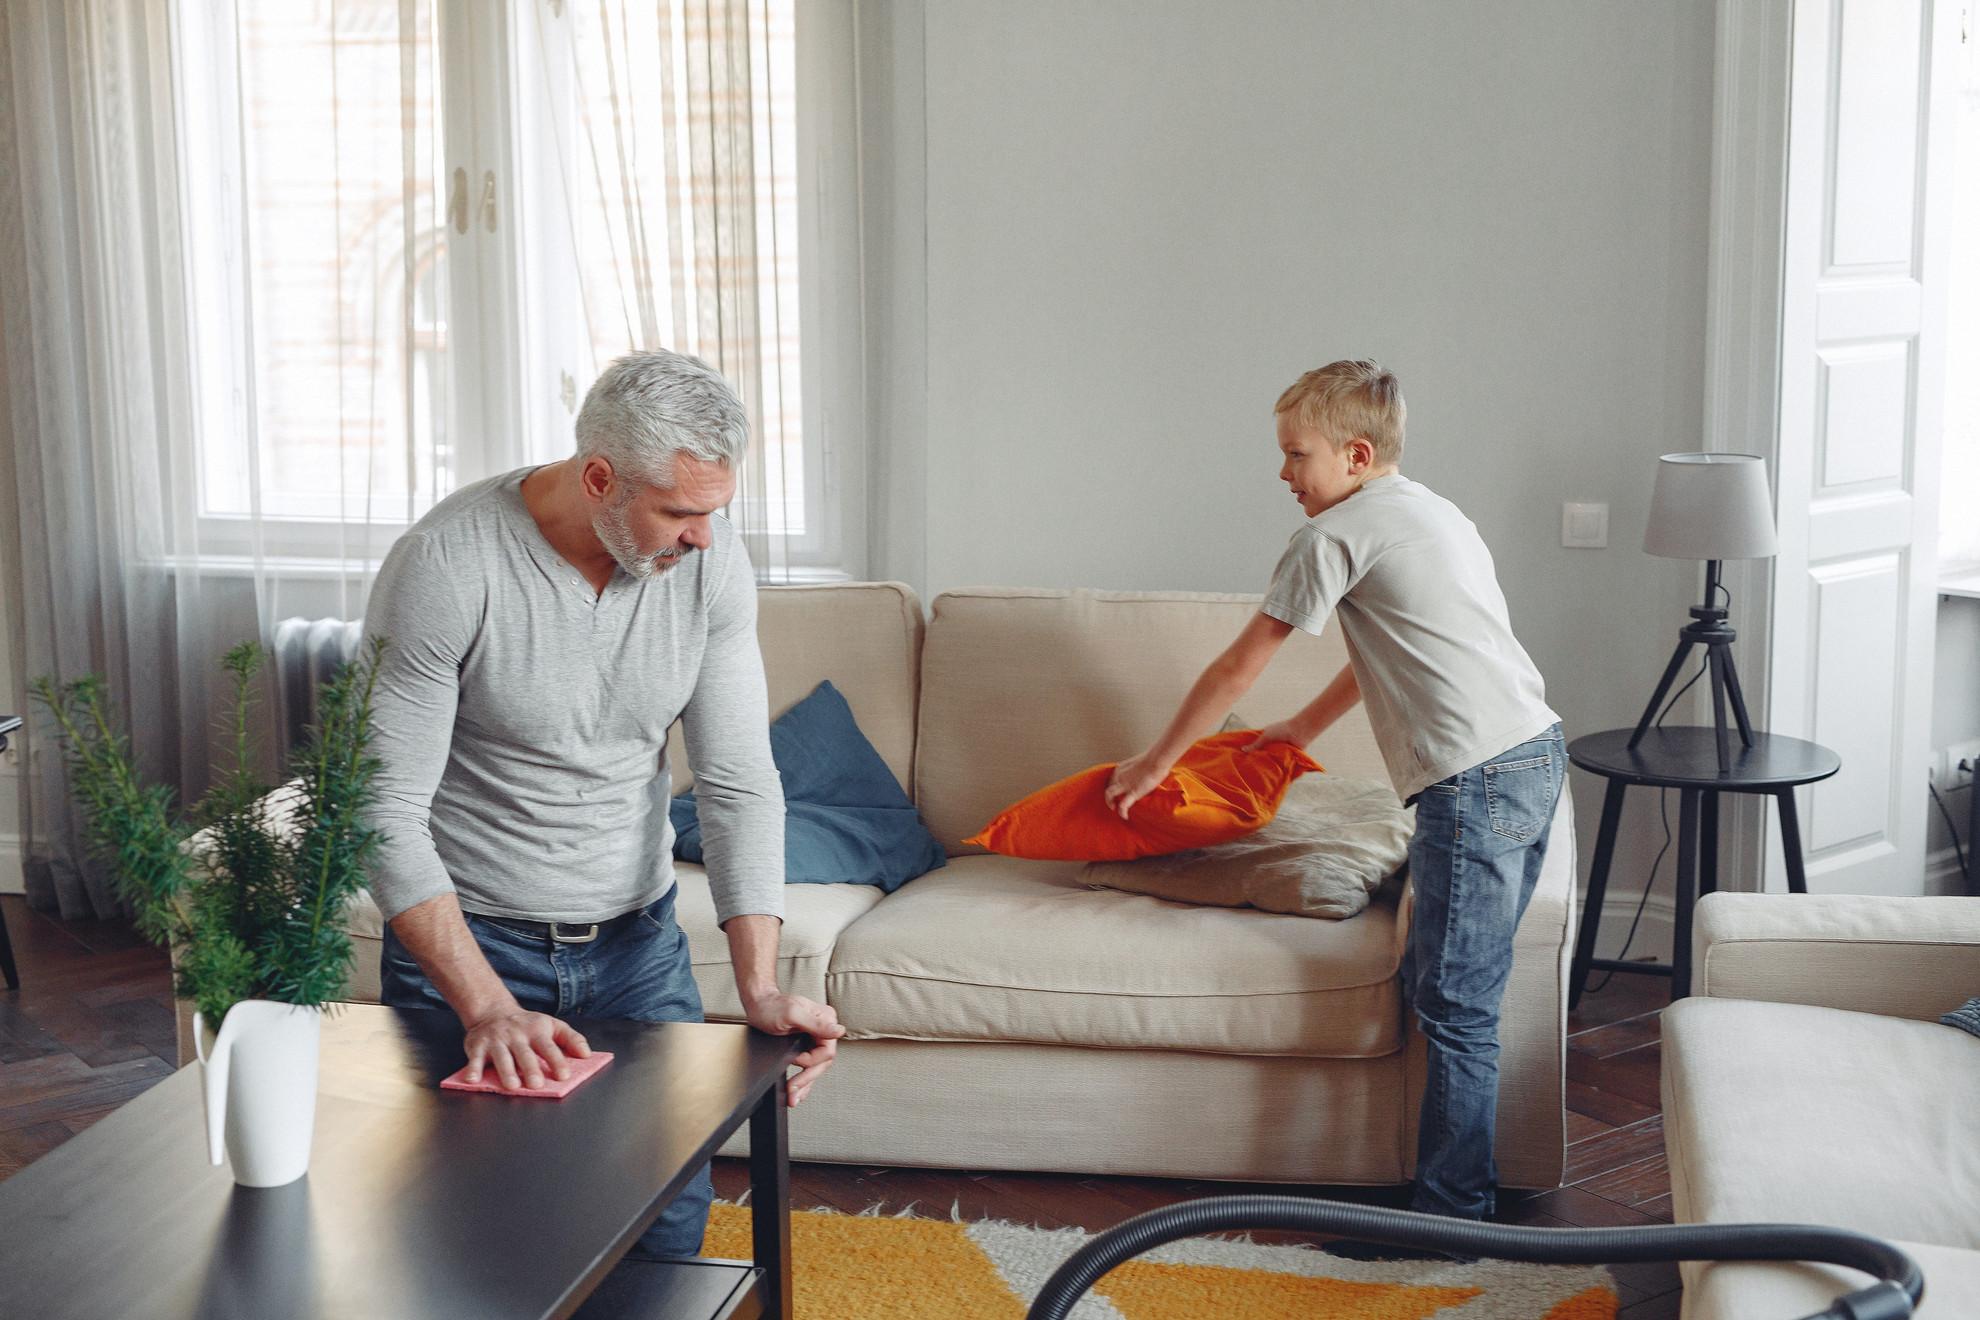 Alakítsunk ki új rítusokat, vonjuk be gyermekeinket is a házimunkába